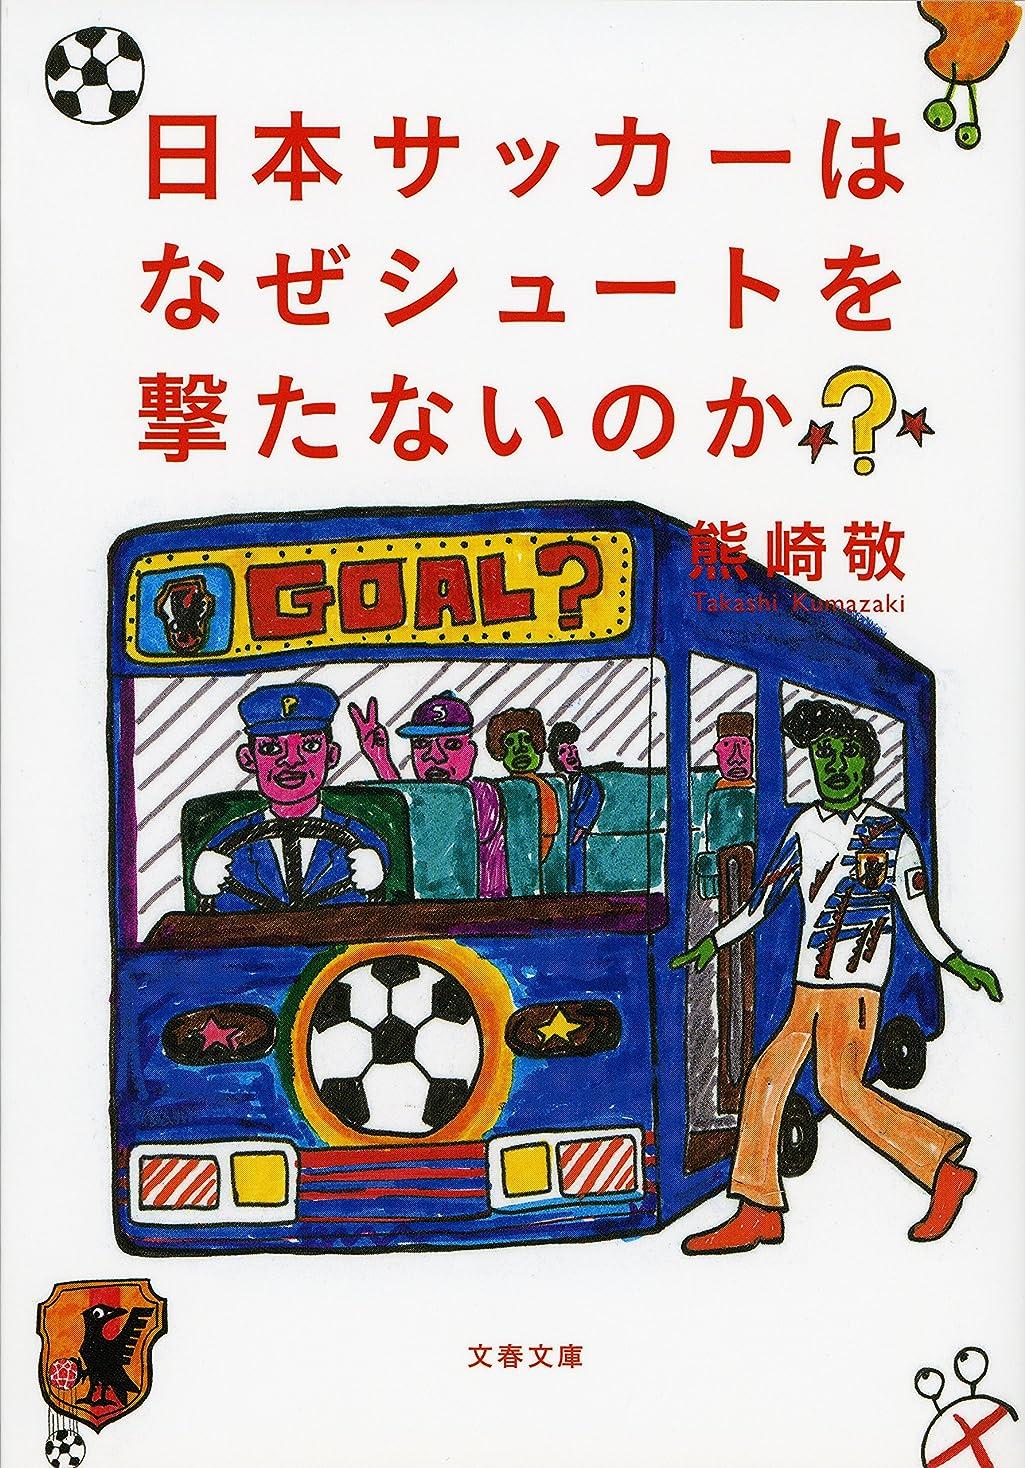 値する素晴らしい良い多くの有罪日本サッカーはなぜシュートを撃たないのか?